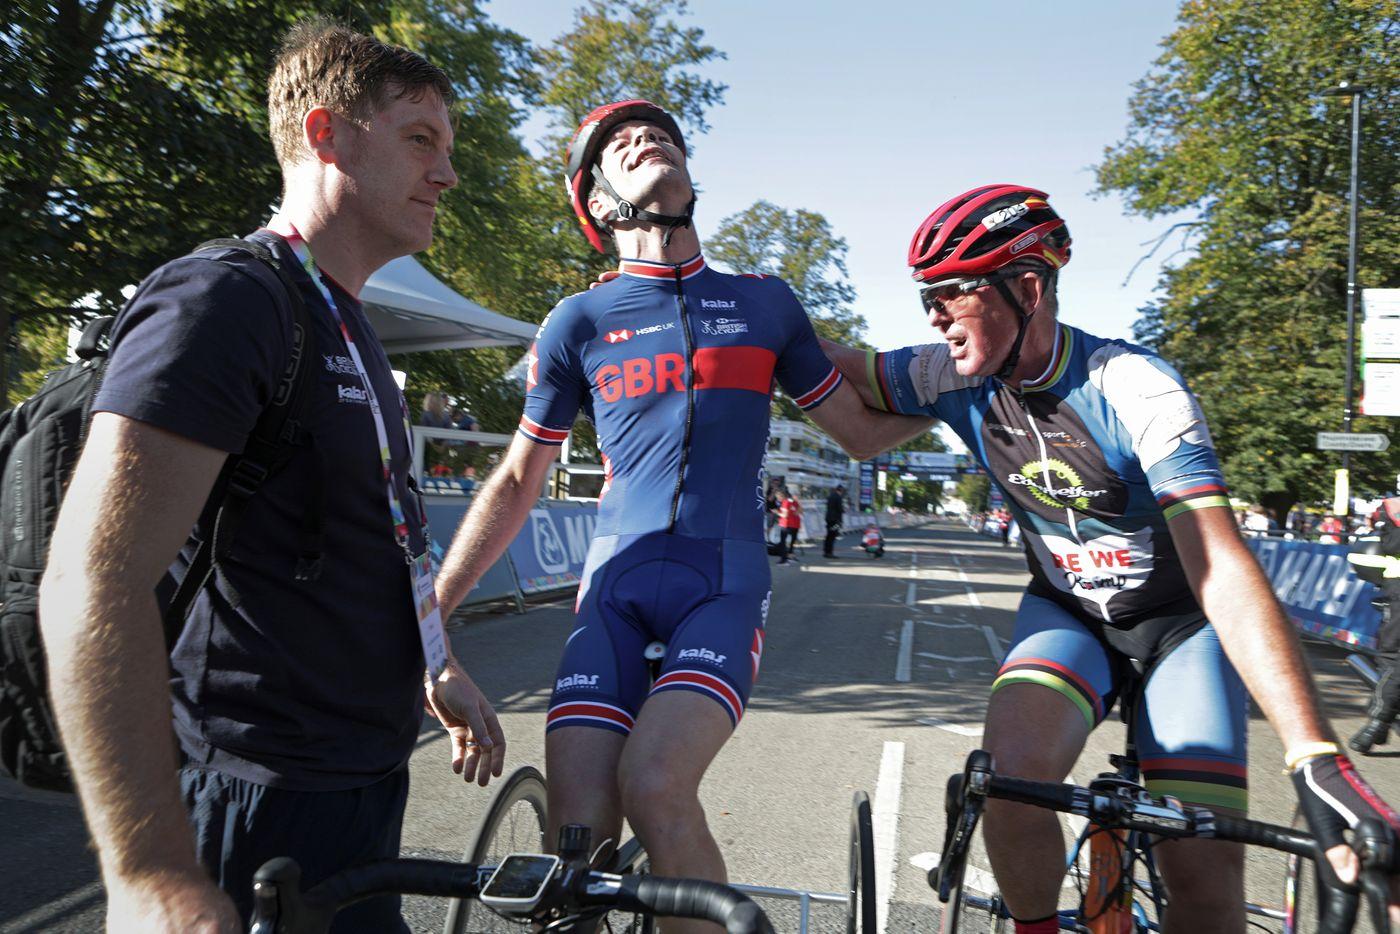 UCI World Cycling Championships